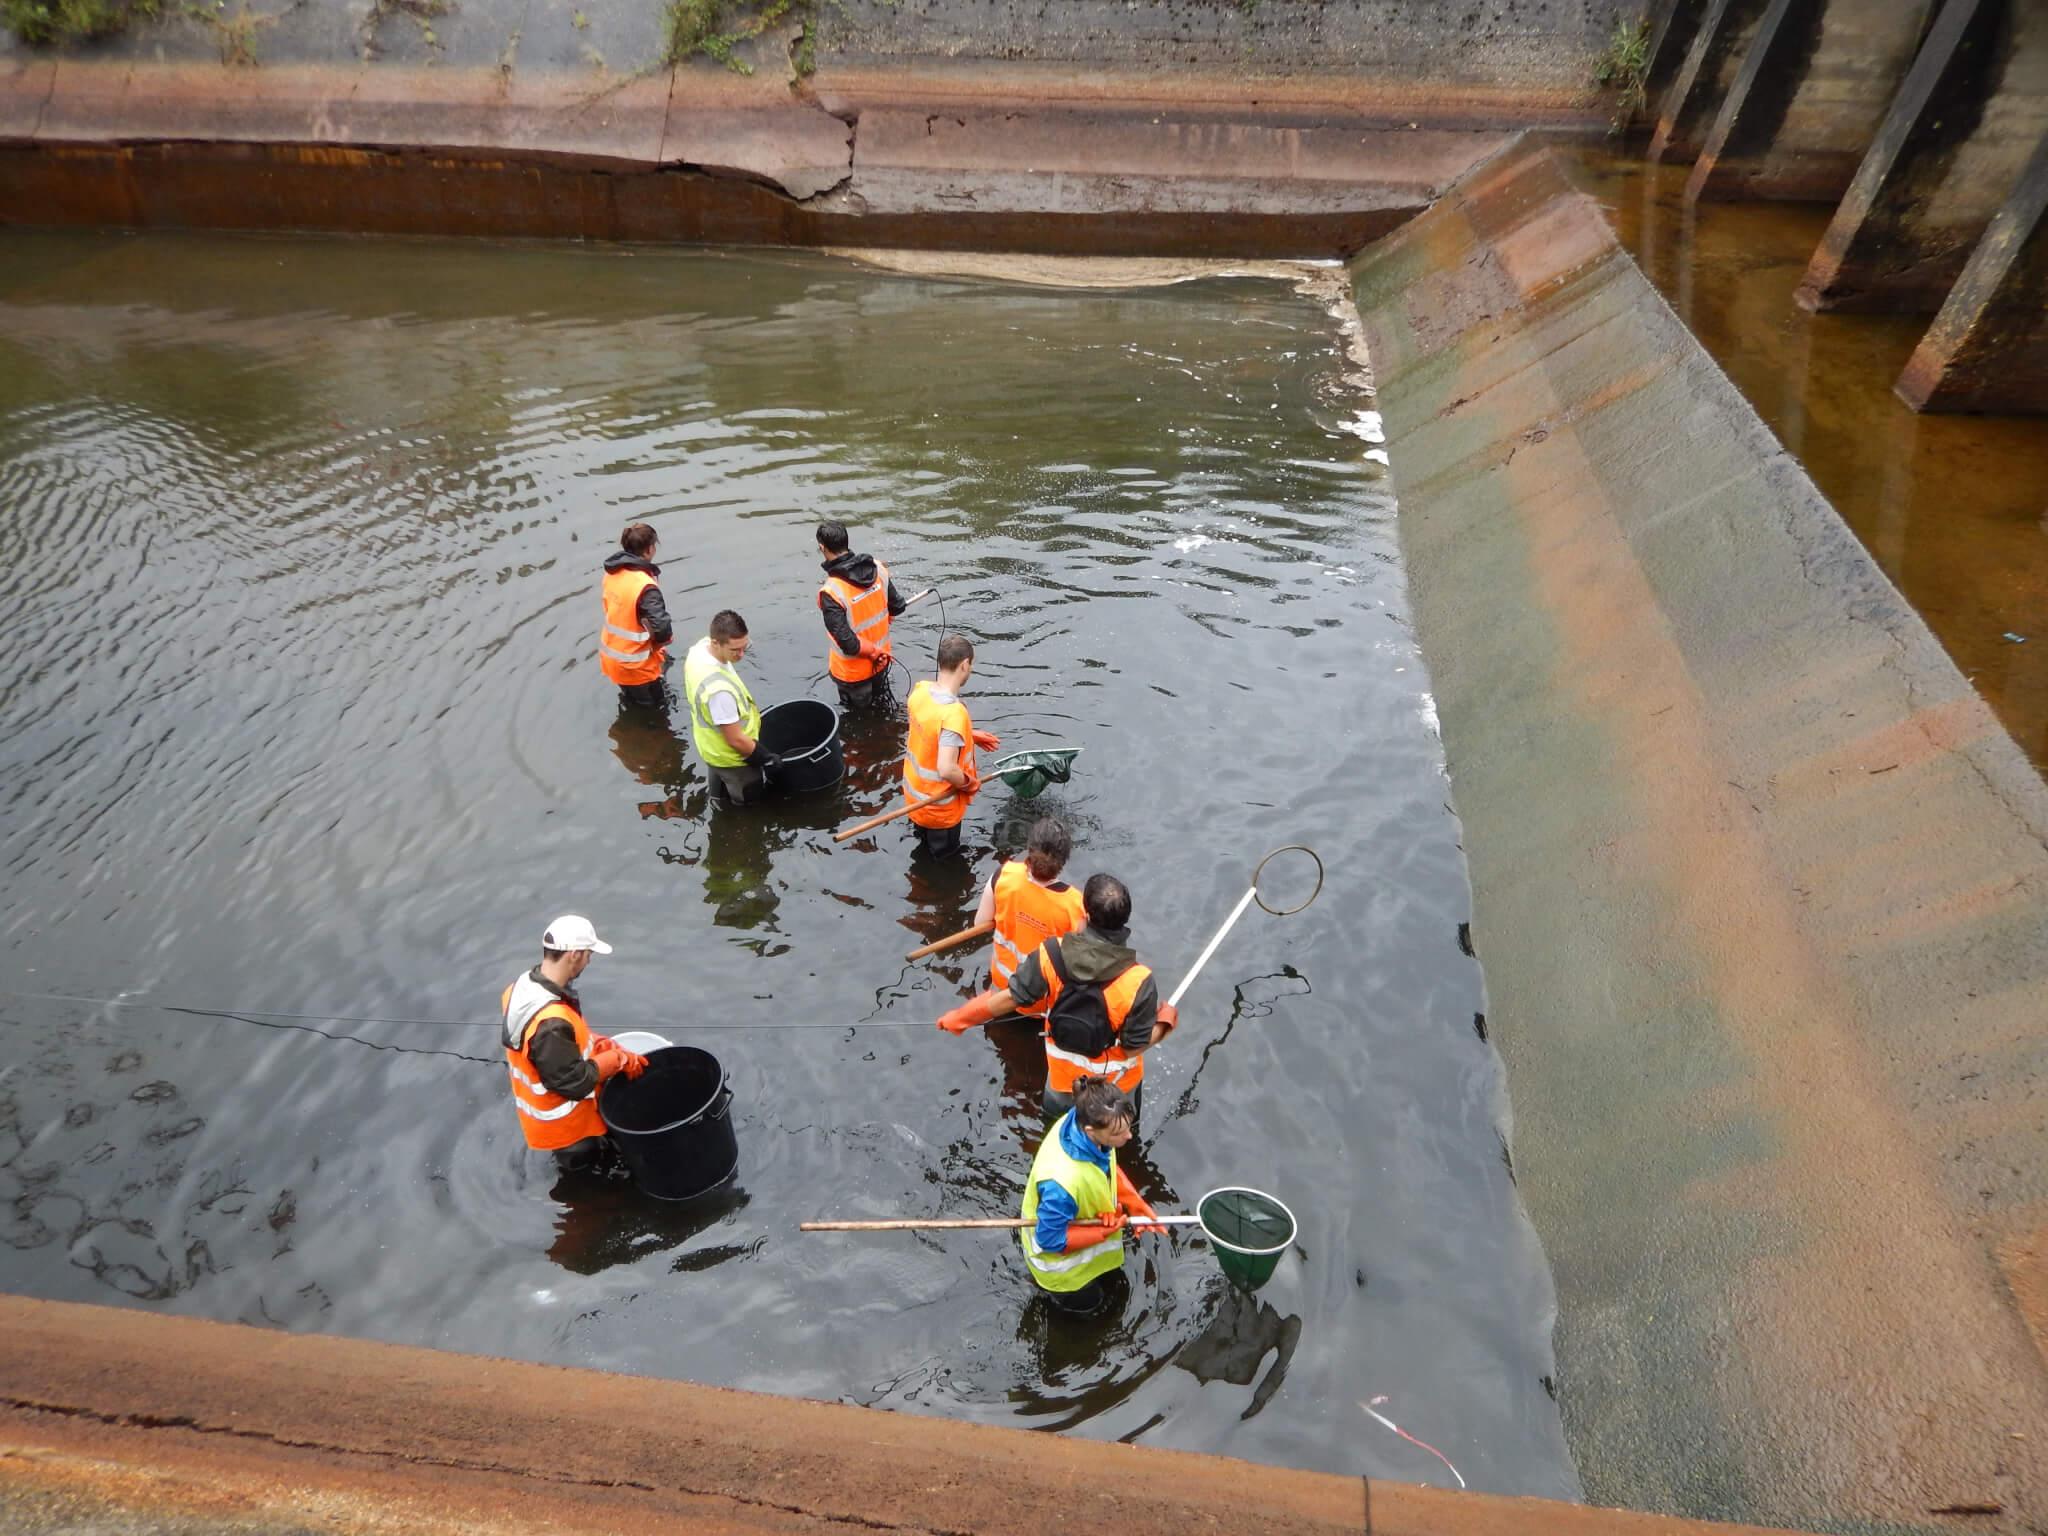 Pêche électrique de sauvetage